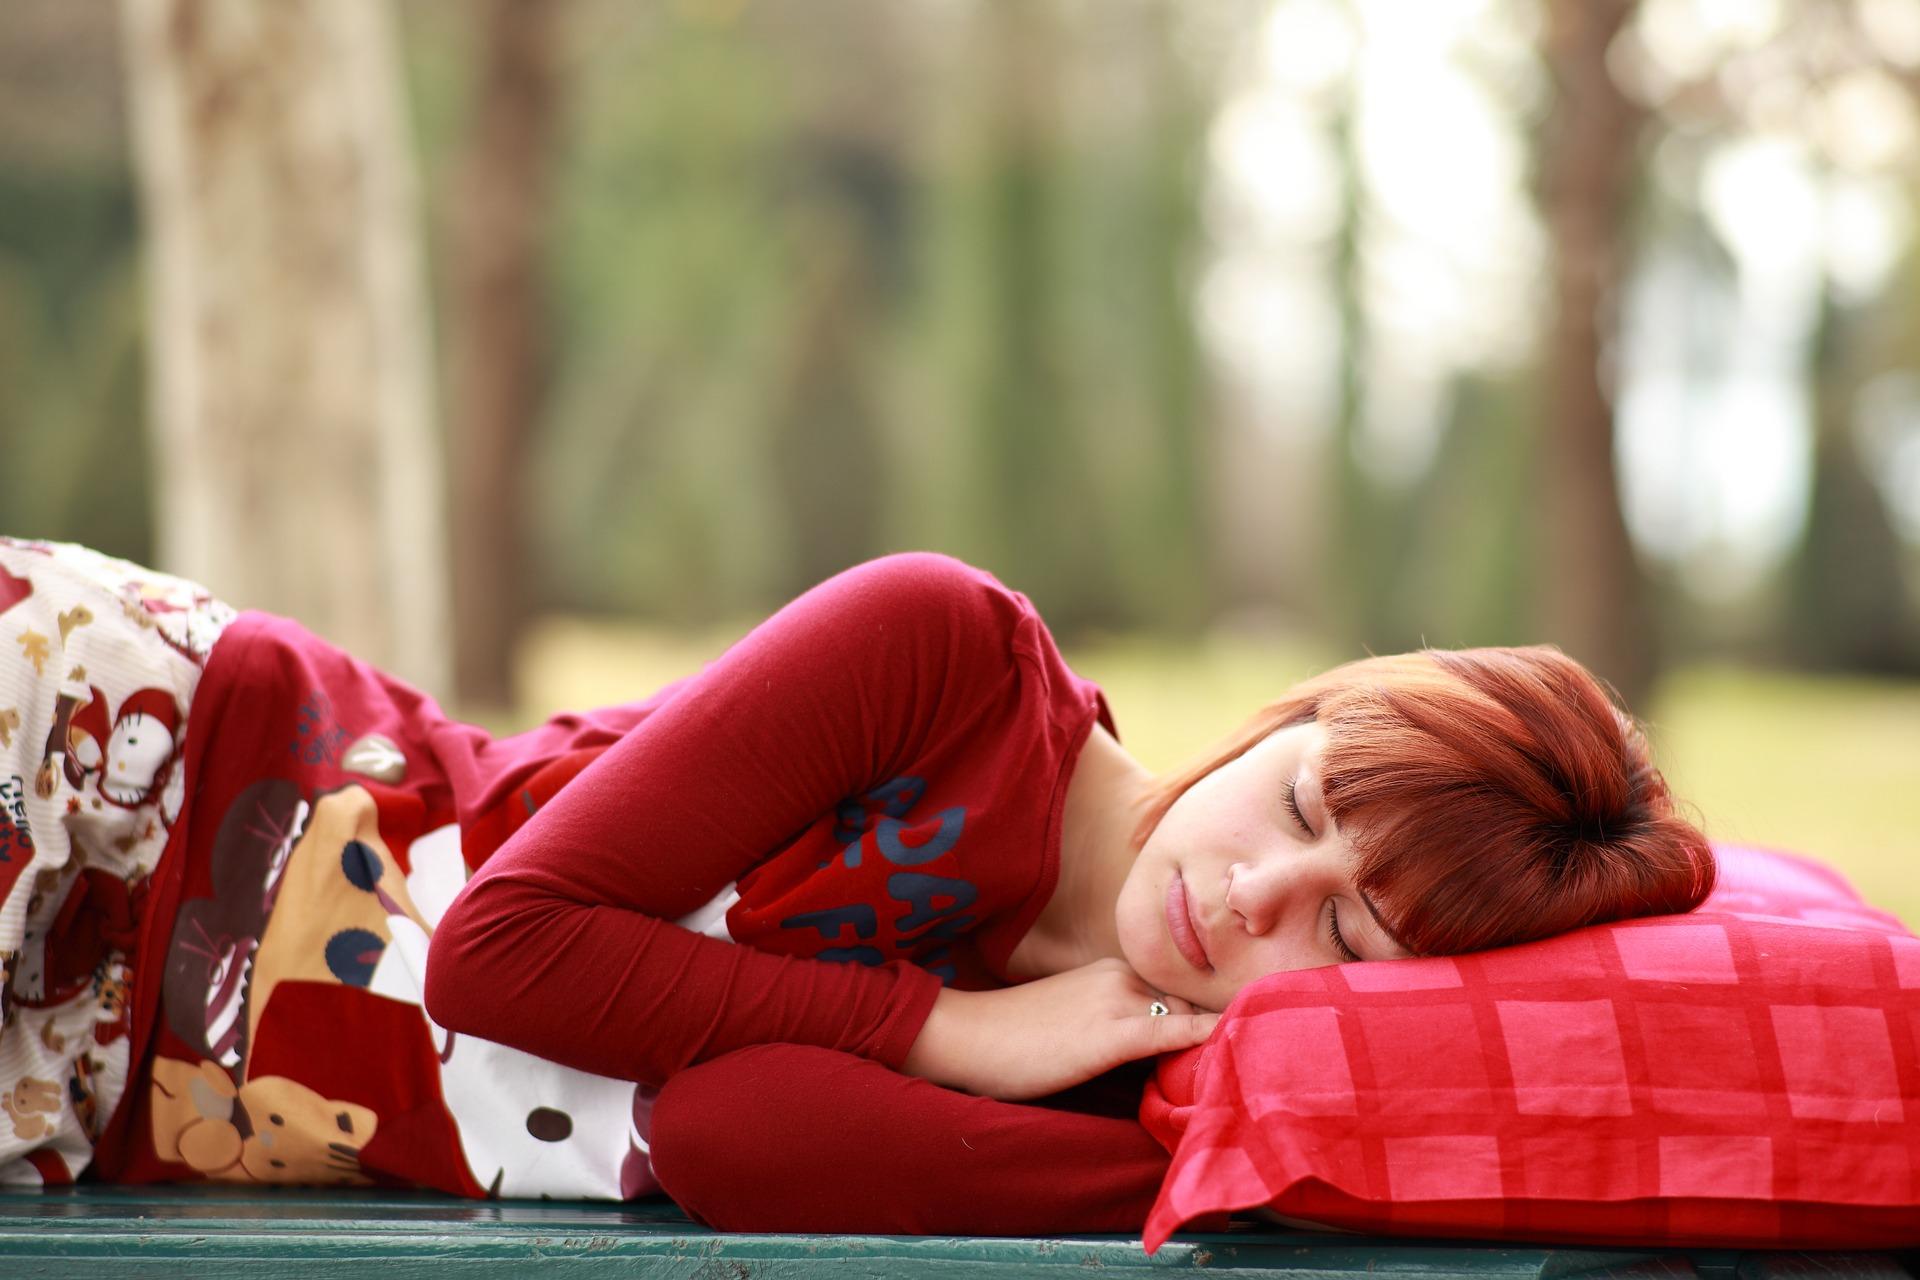 дивчина спить